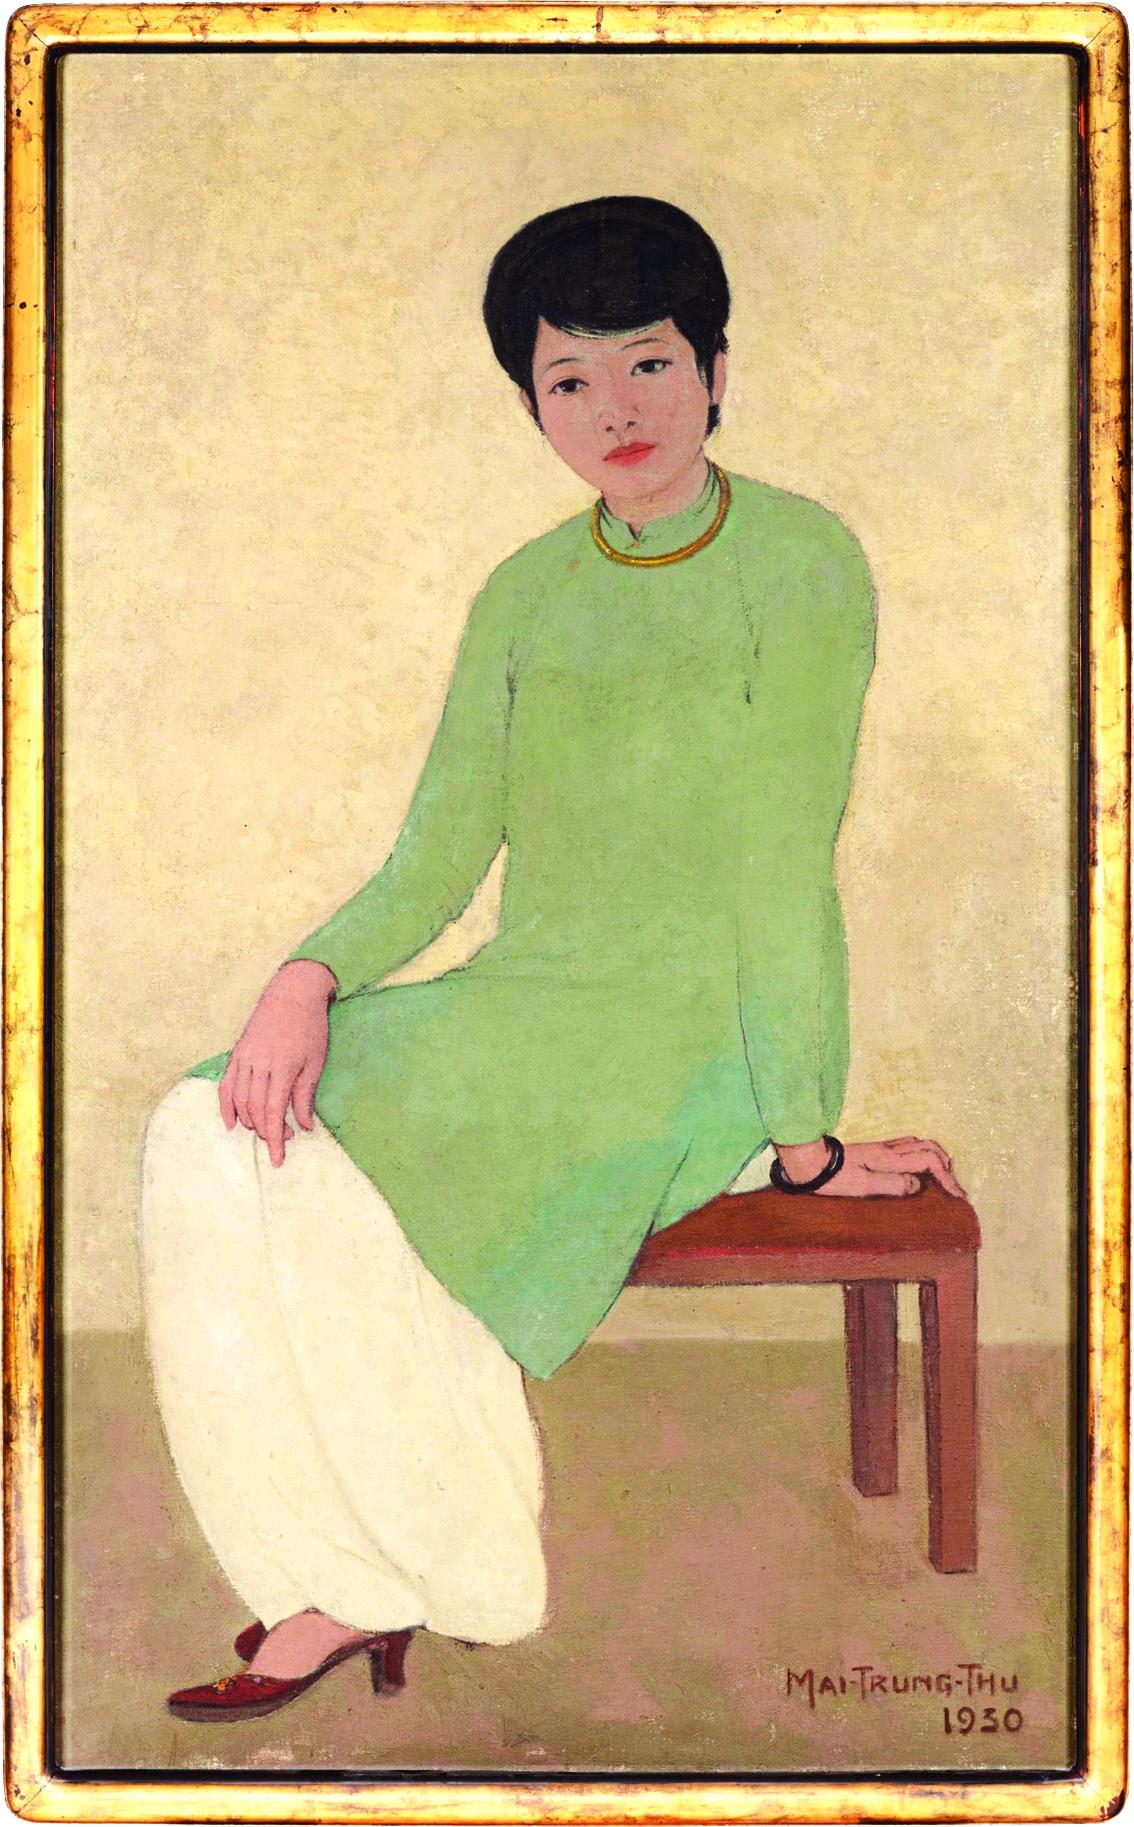 Bức Chân dung cô Phương của họa sĩ Mai Trung Thứ đang giữ kỷ lục về giá tranh Việt trên sàn quốc tế